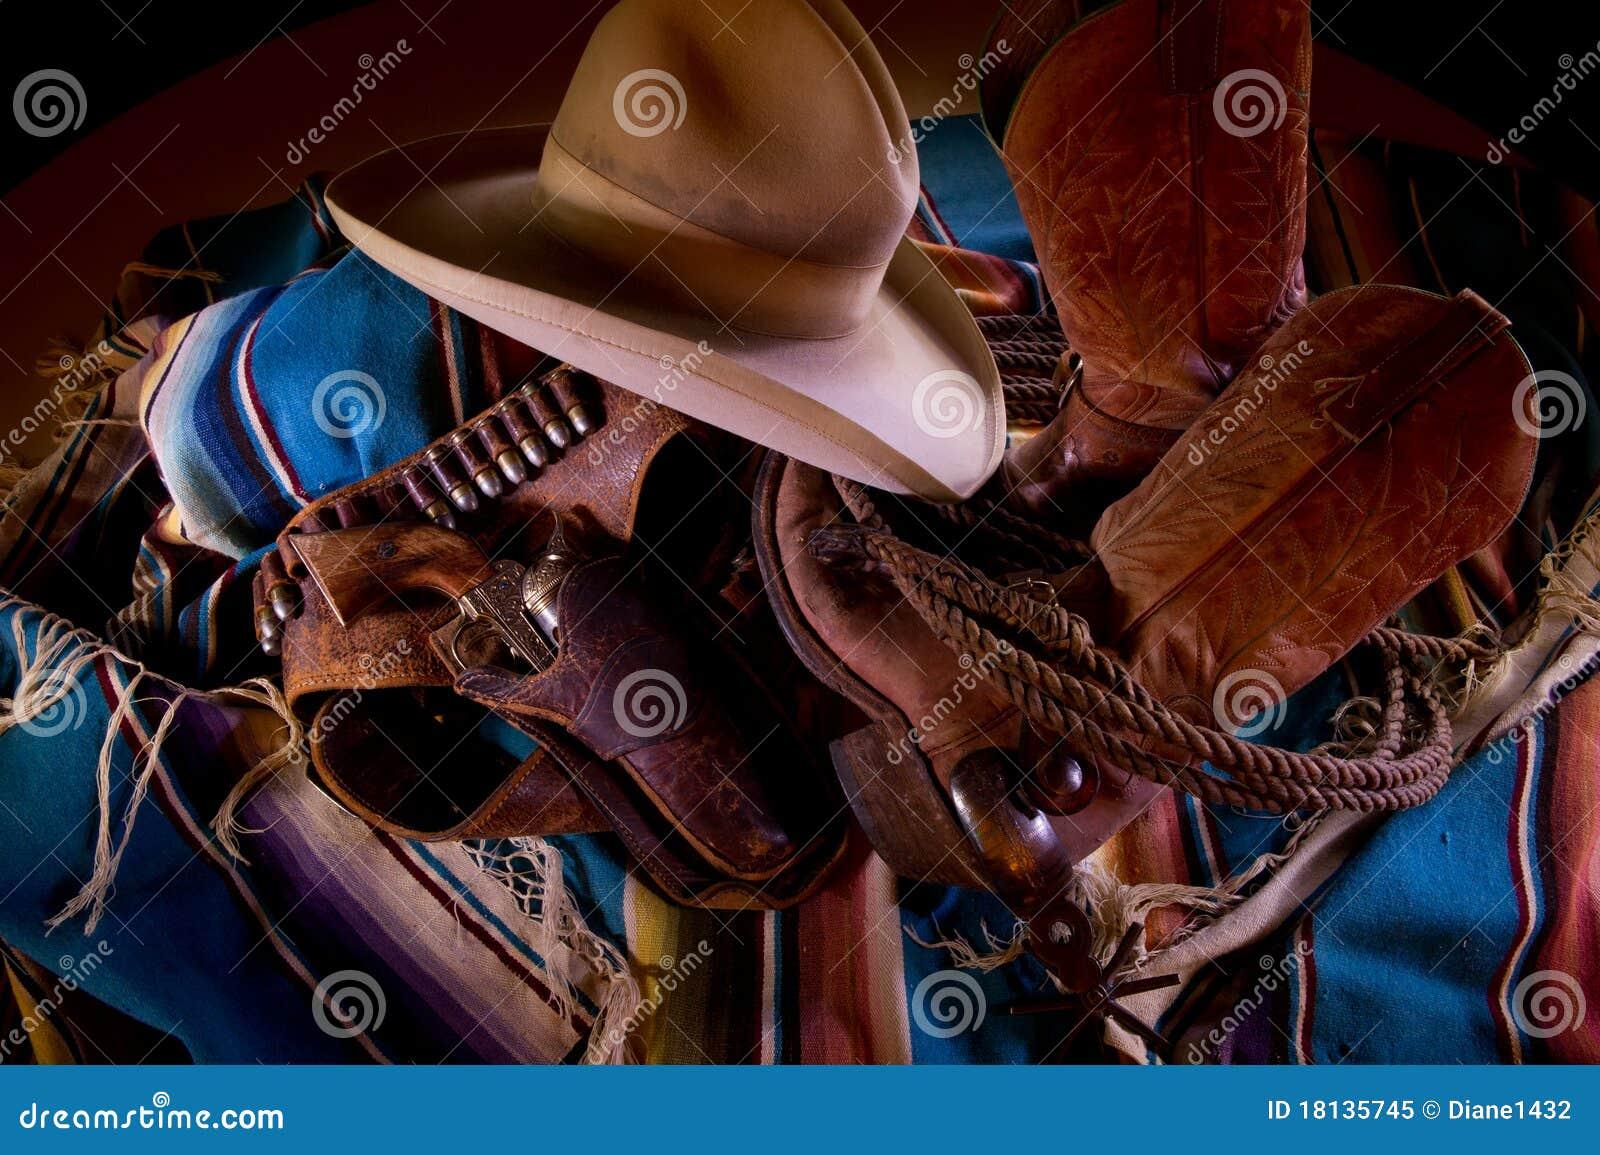 Collagecowboy